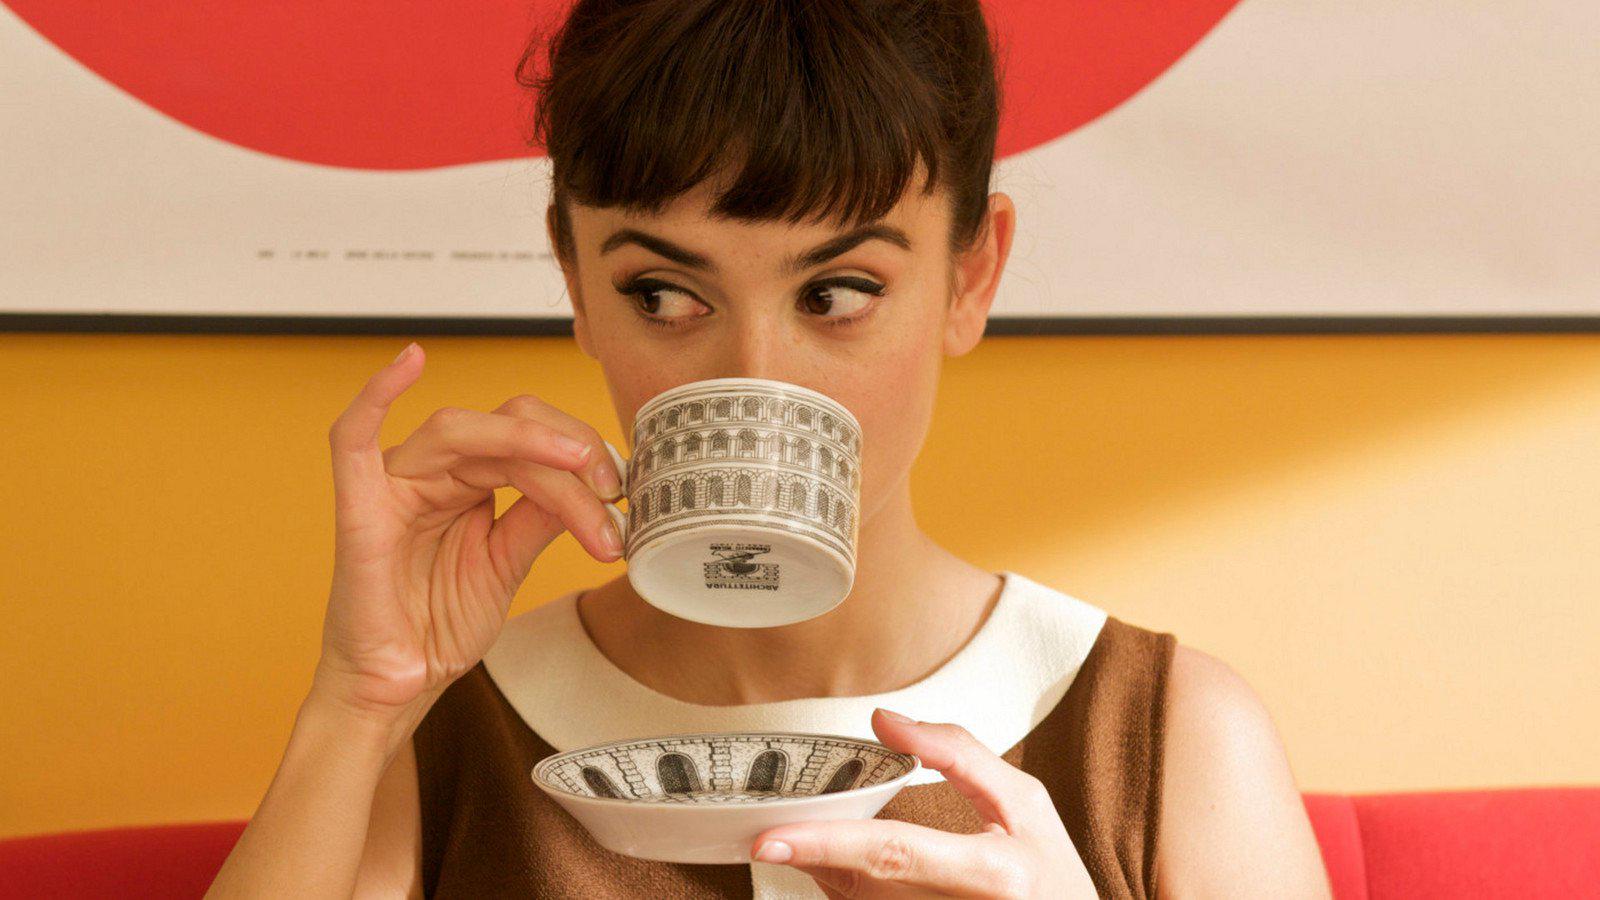 собственной актеры пьют кофе картинки баня